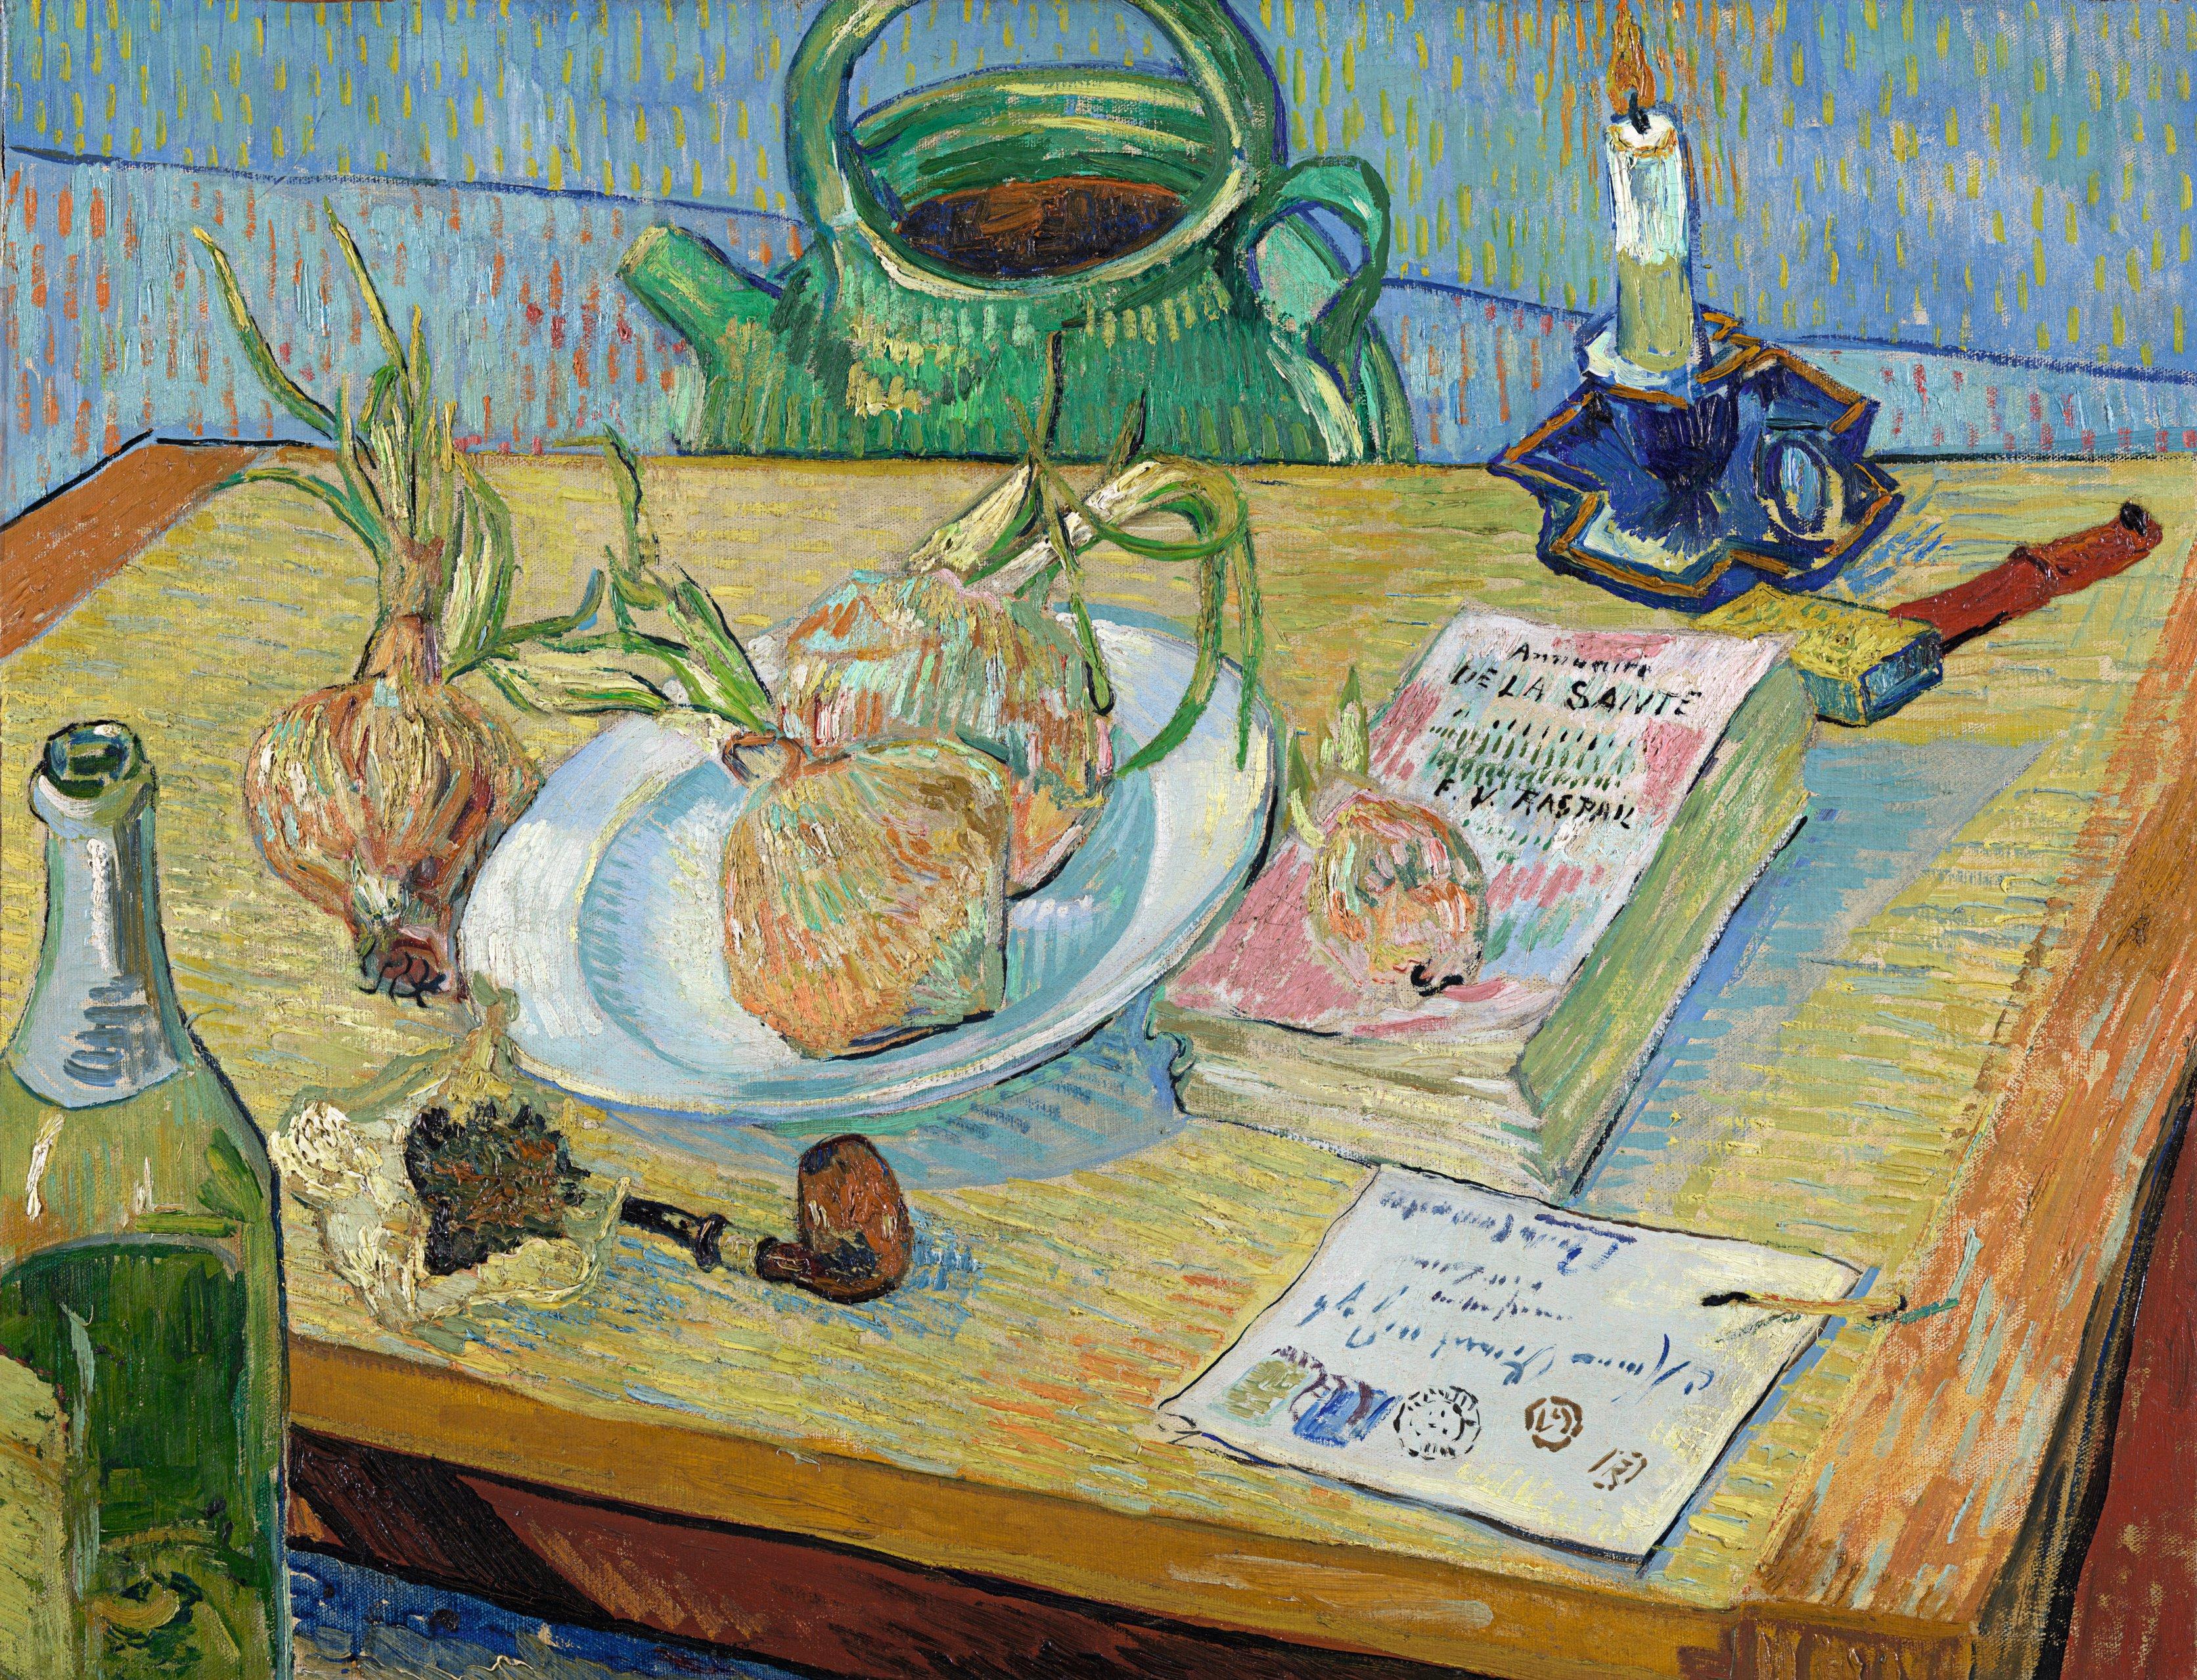 Vincent van Gogh (1853-1890), Stillleben mit einem Teller Zwiebeln, 1889, Öl auf Leinwand, 49,6 x 64,4 cm, Kröller-Müller Museum, Otterlo, Niederlande